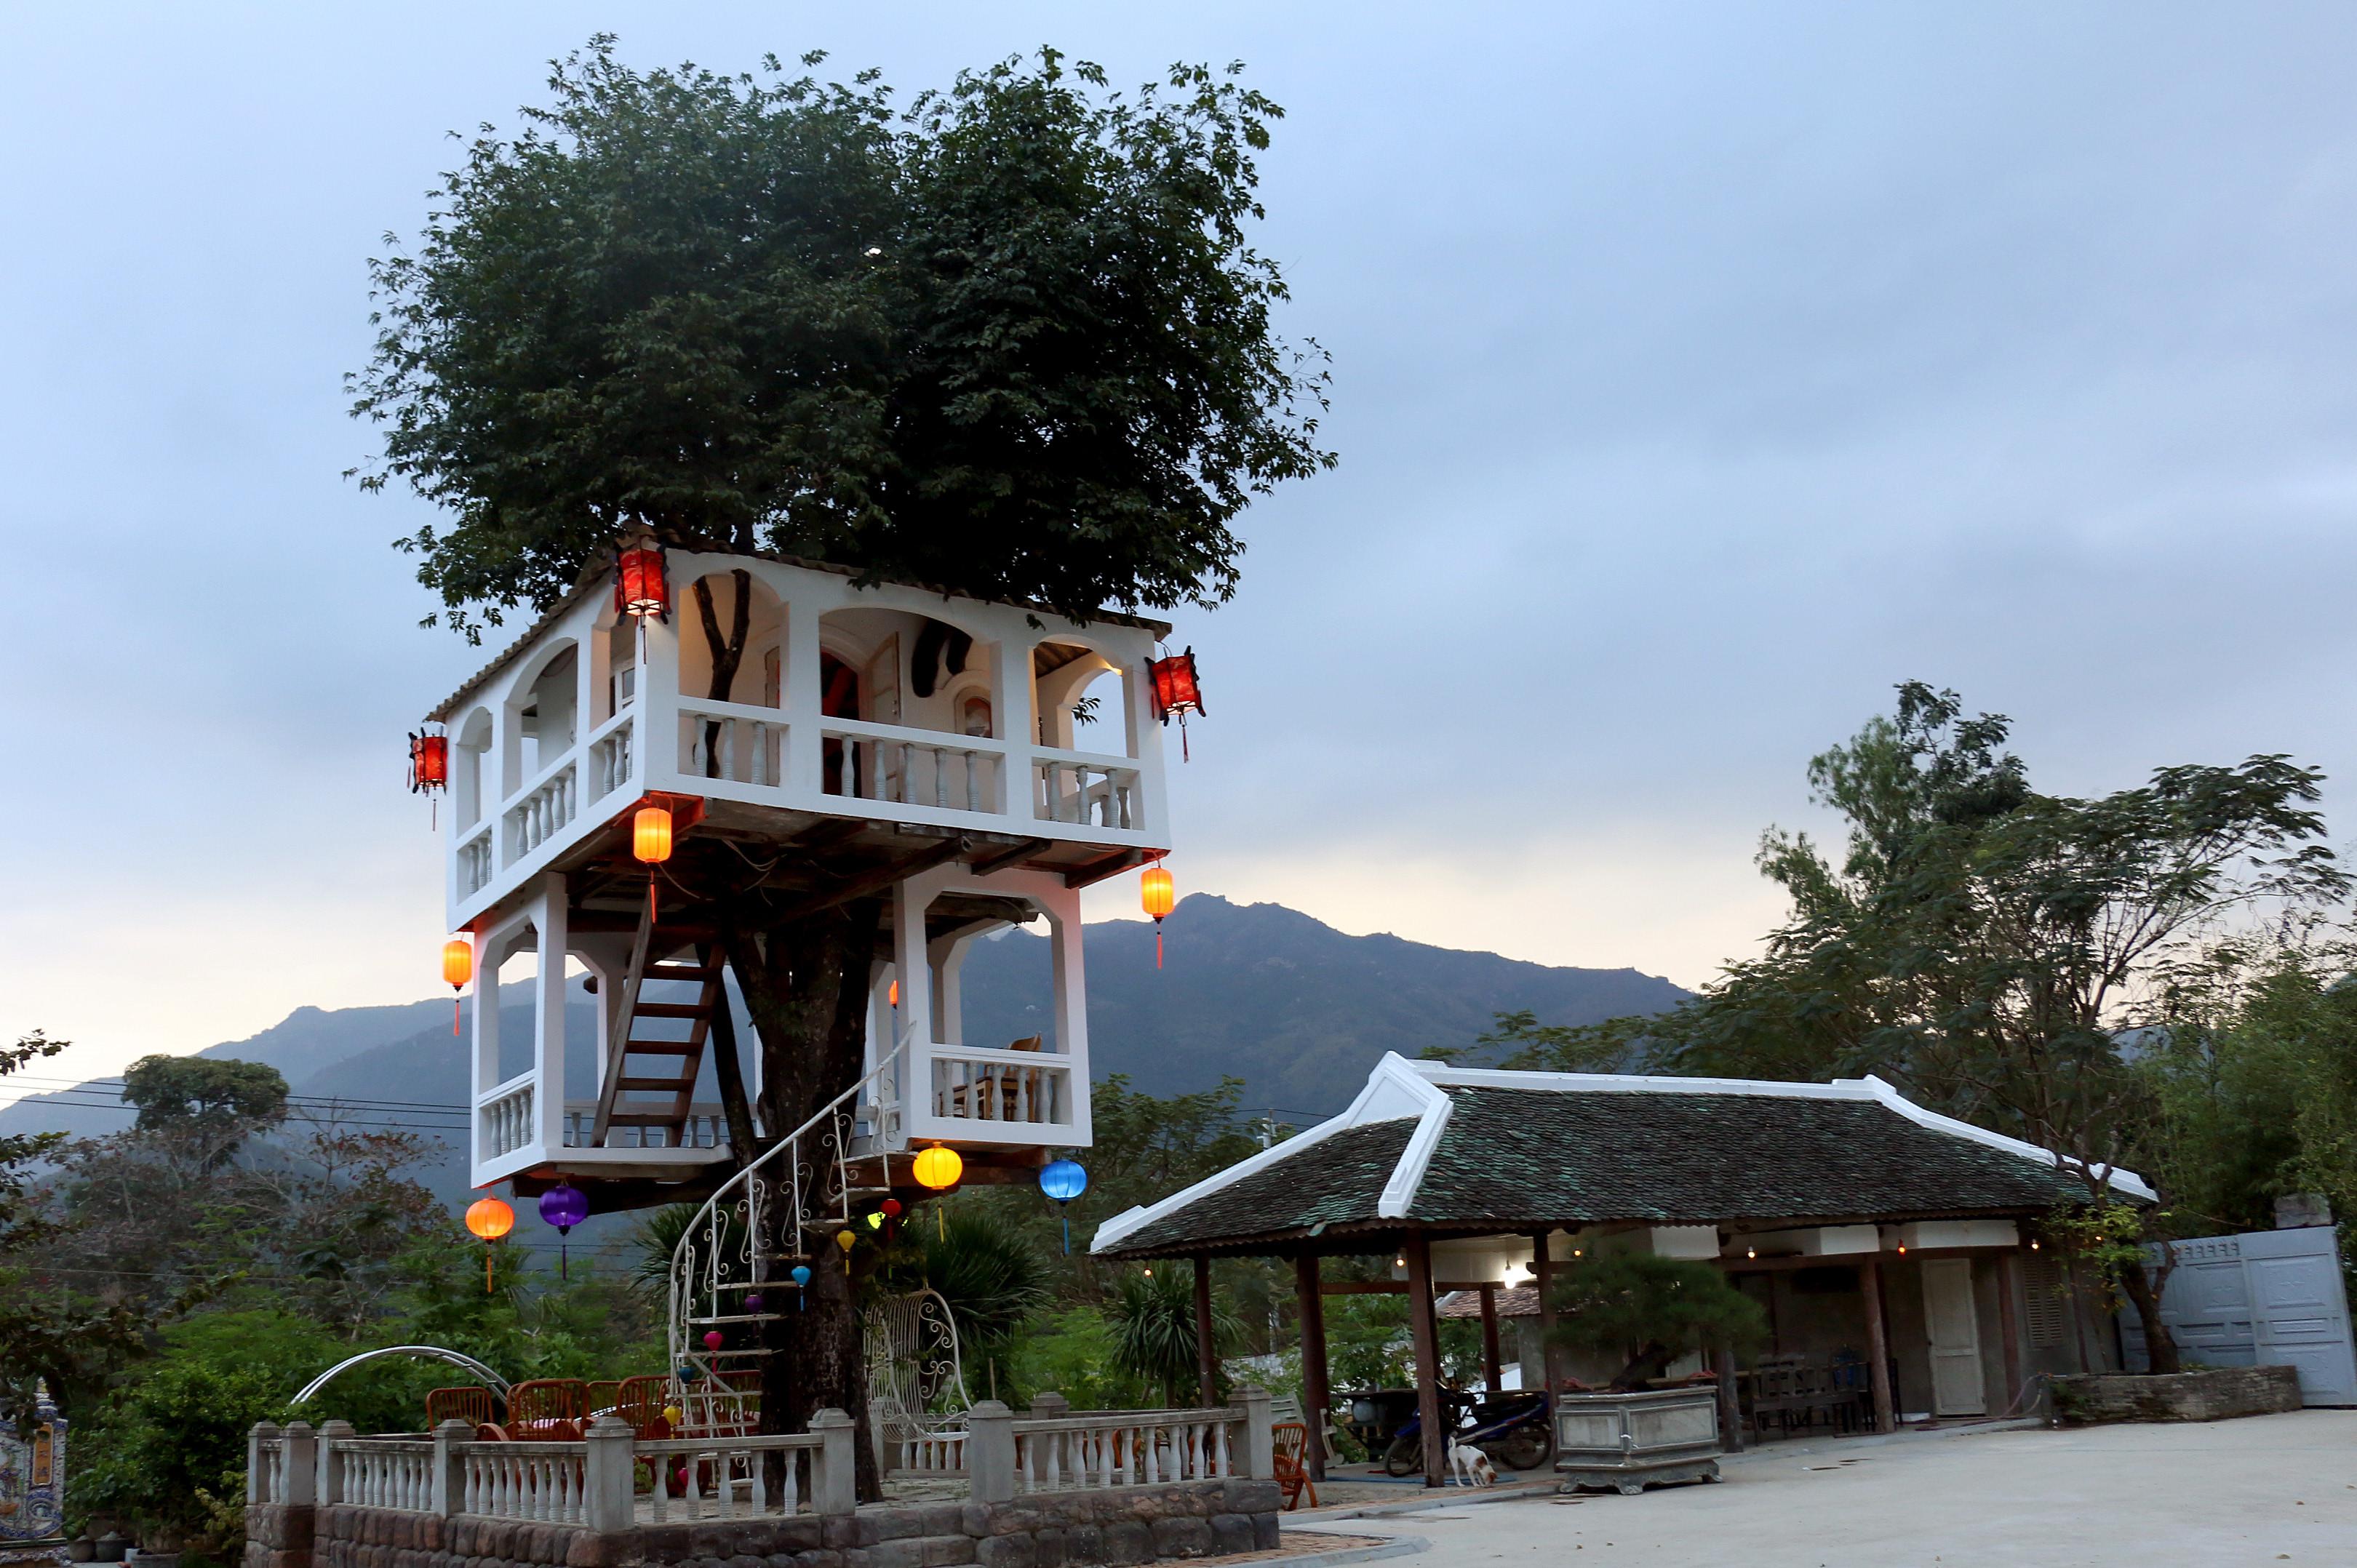 Ngôi nhà 2 tầng trên cây đứng vững sau cơn bão lịch sử